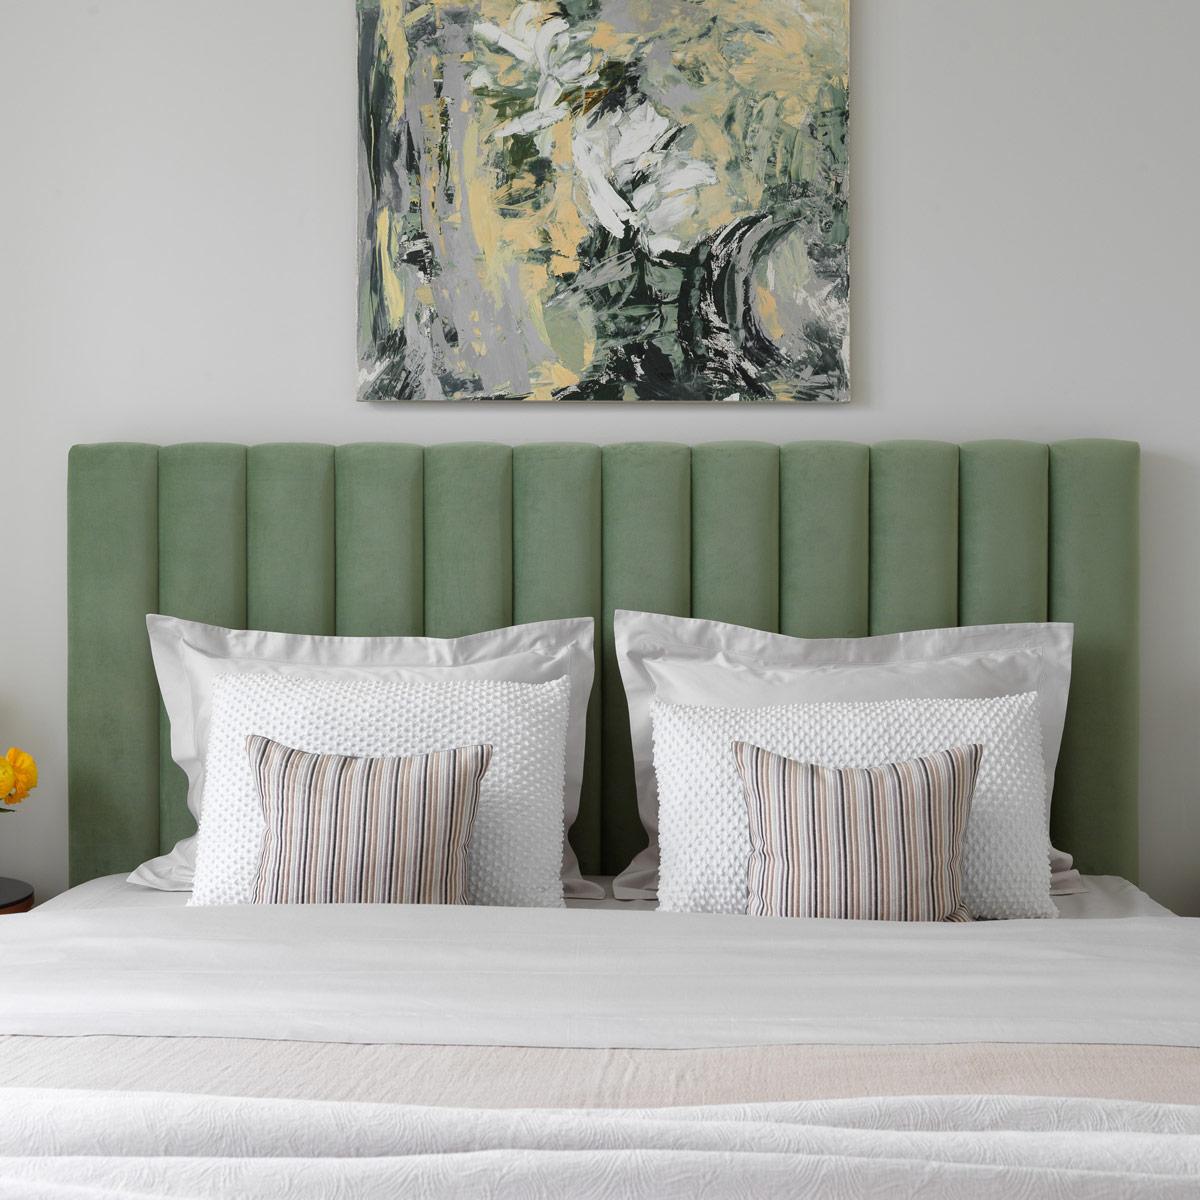 Lavsit_Natan_vertikal_panels_bed_green_velvet